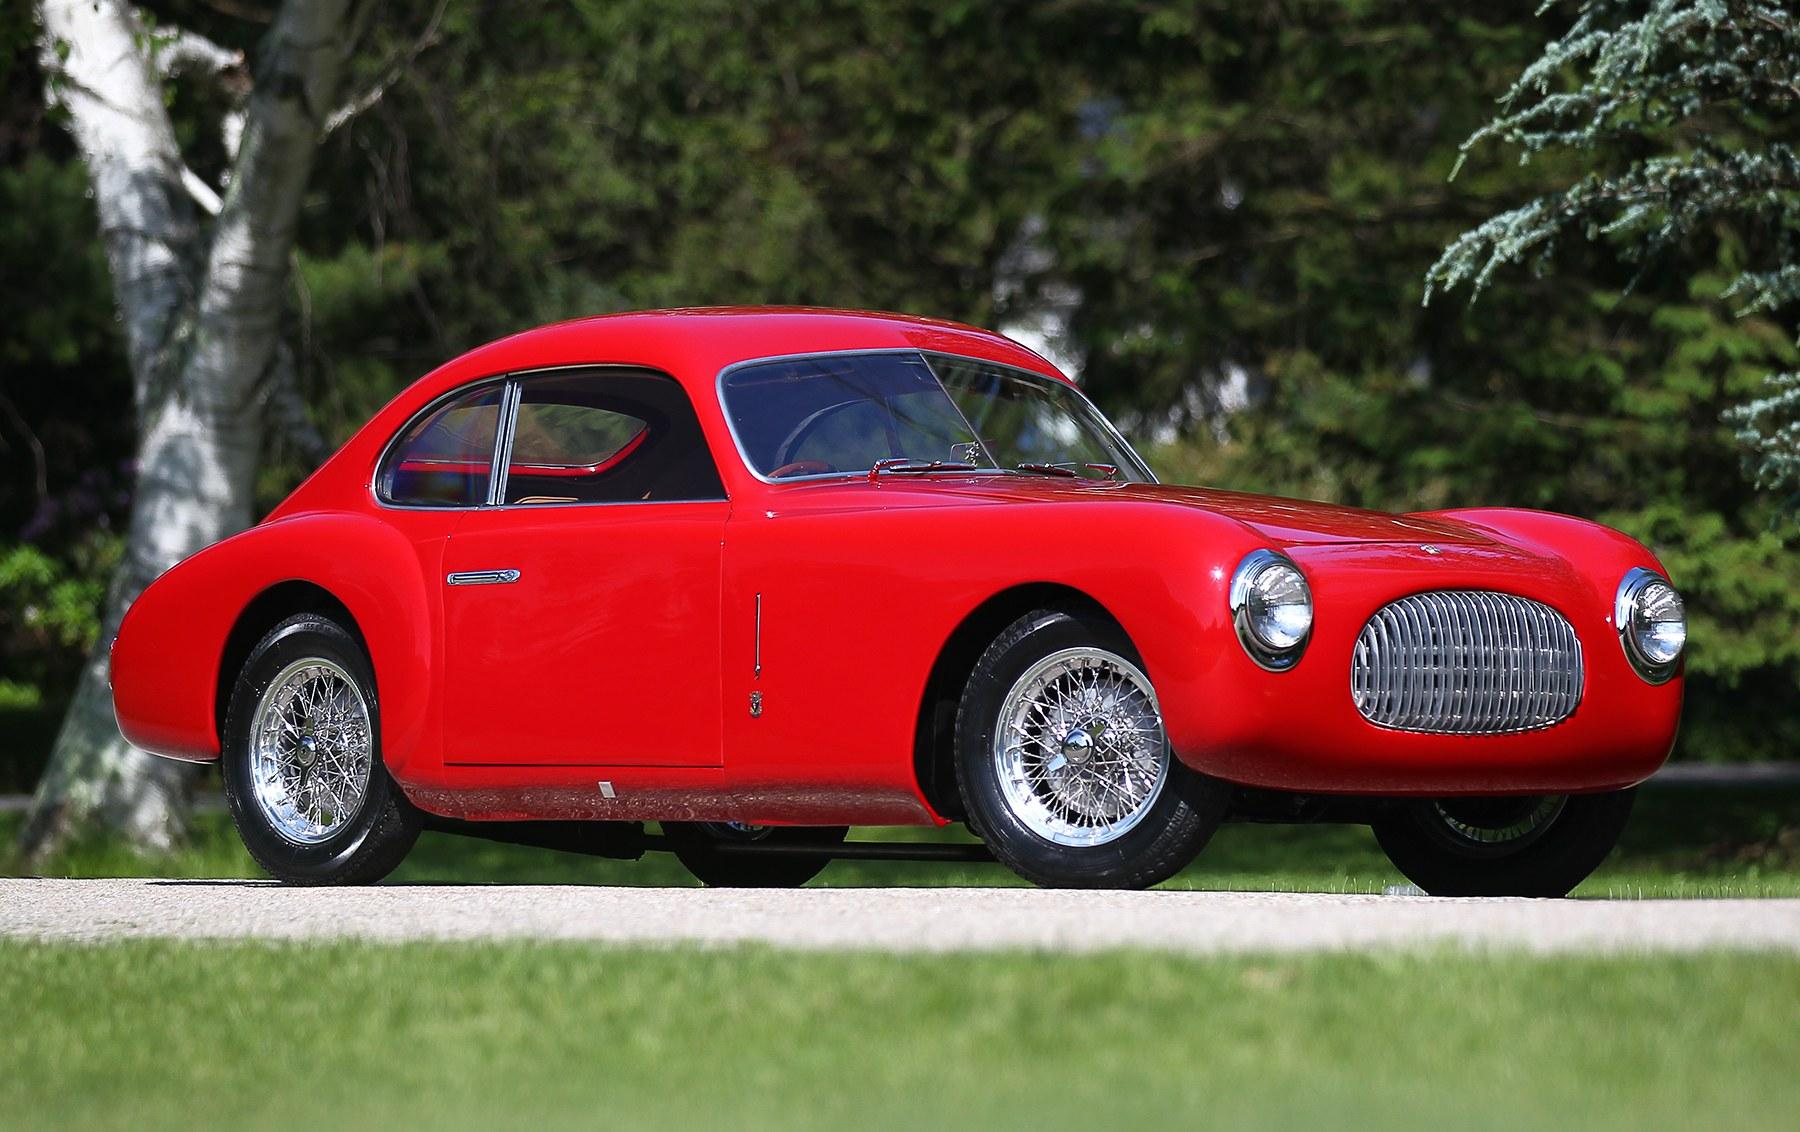 1948 Cisitalia 202 SC Coupe